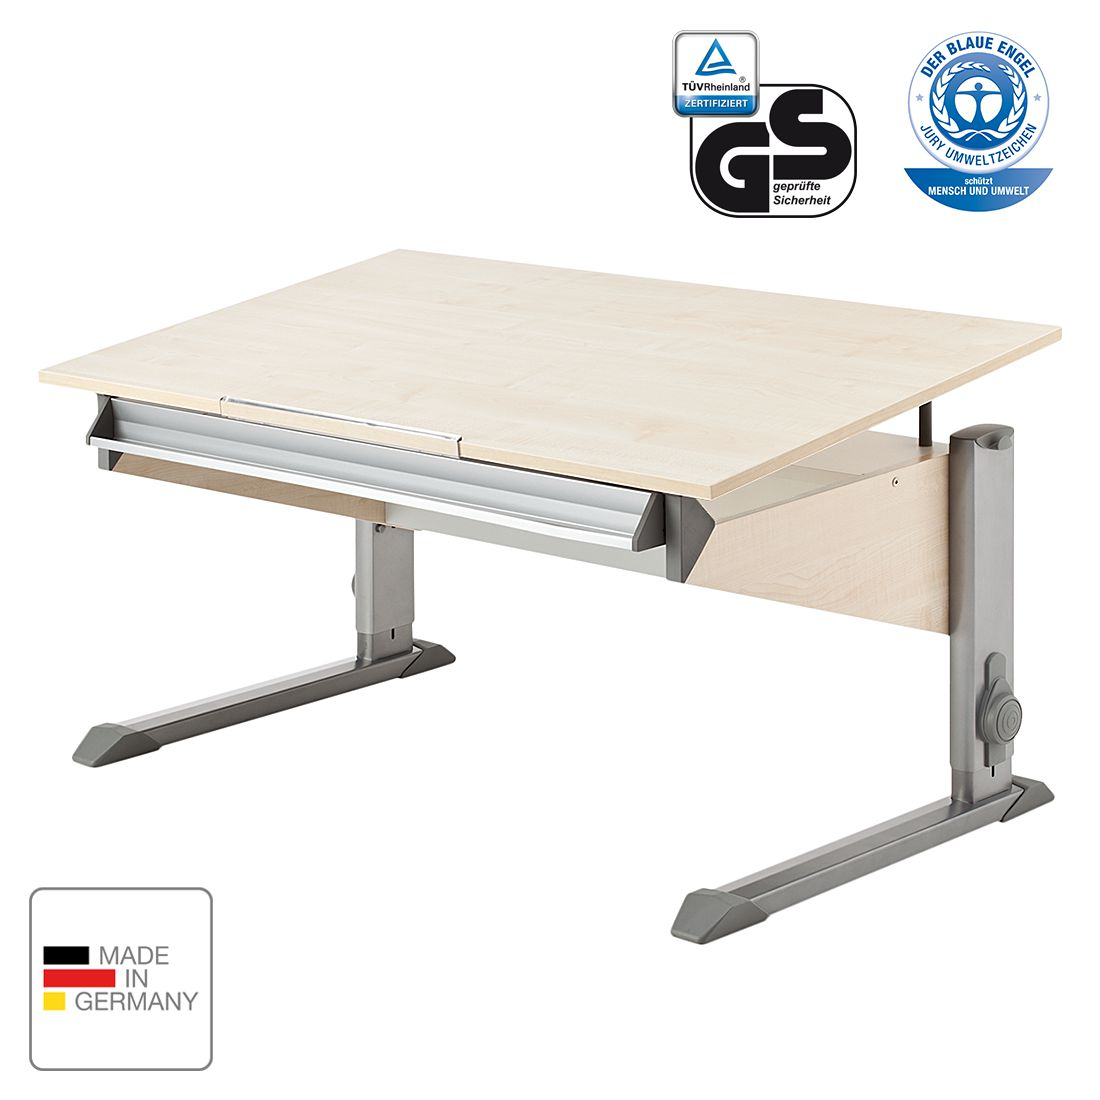 Schreibtisch bandit ahorn dekor ohne schublade bandit for Schreibtisch ahorn